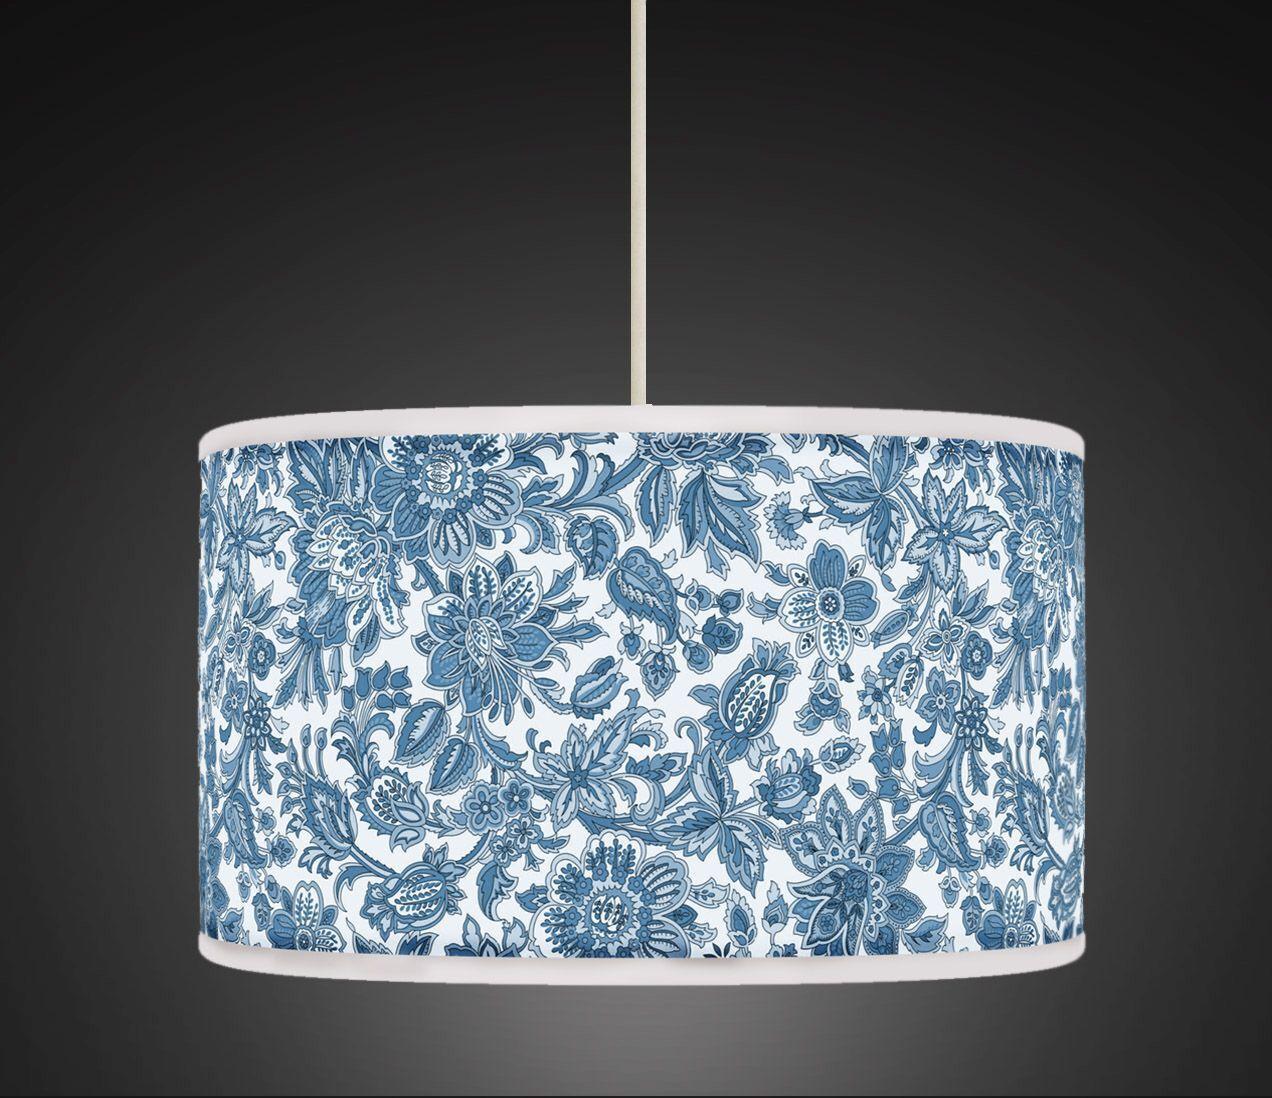 negozio d'offerta Fiore Floreale Blu Bianco Fatto a Mano Stampato Stampato Stampato Tessuto Paralume per lampada pendente 444  la migliore selezione di